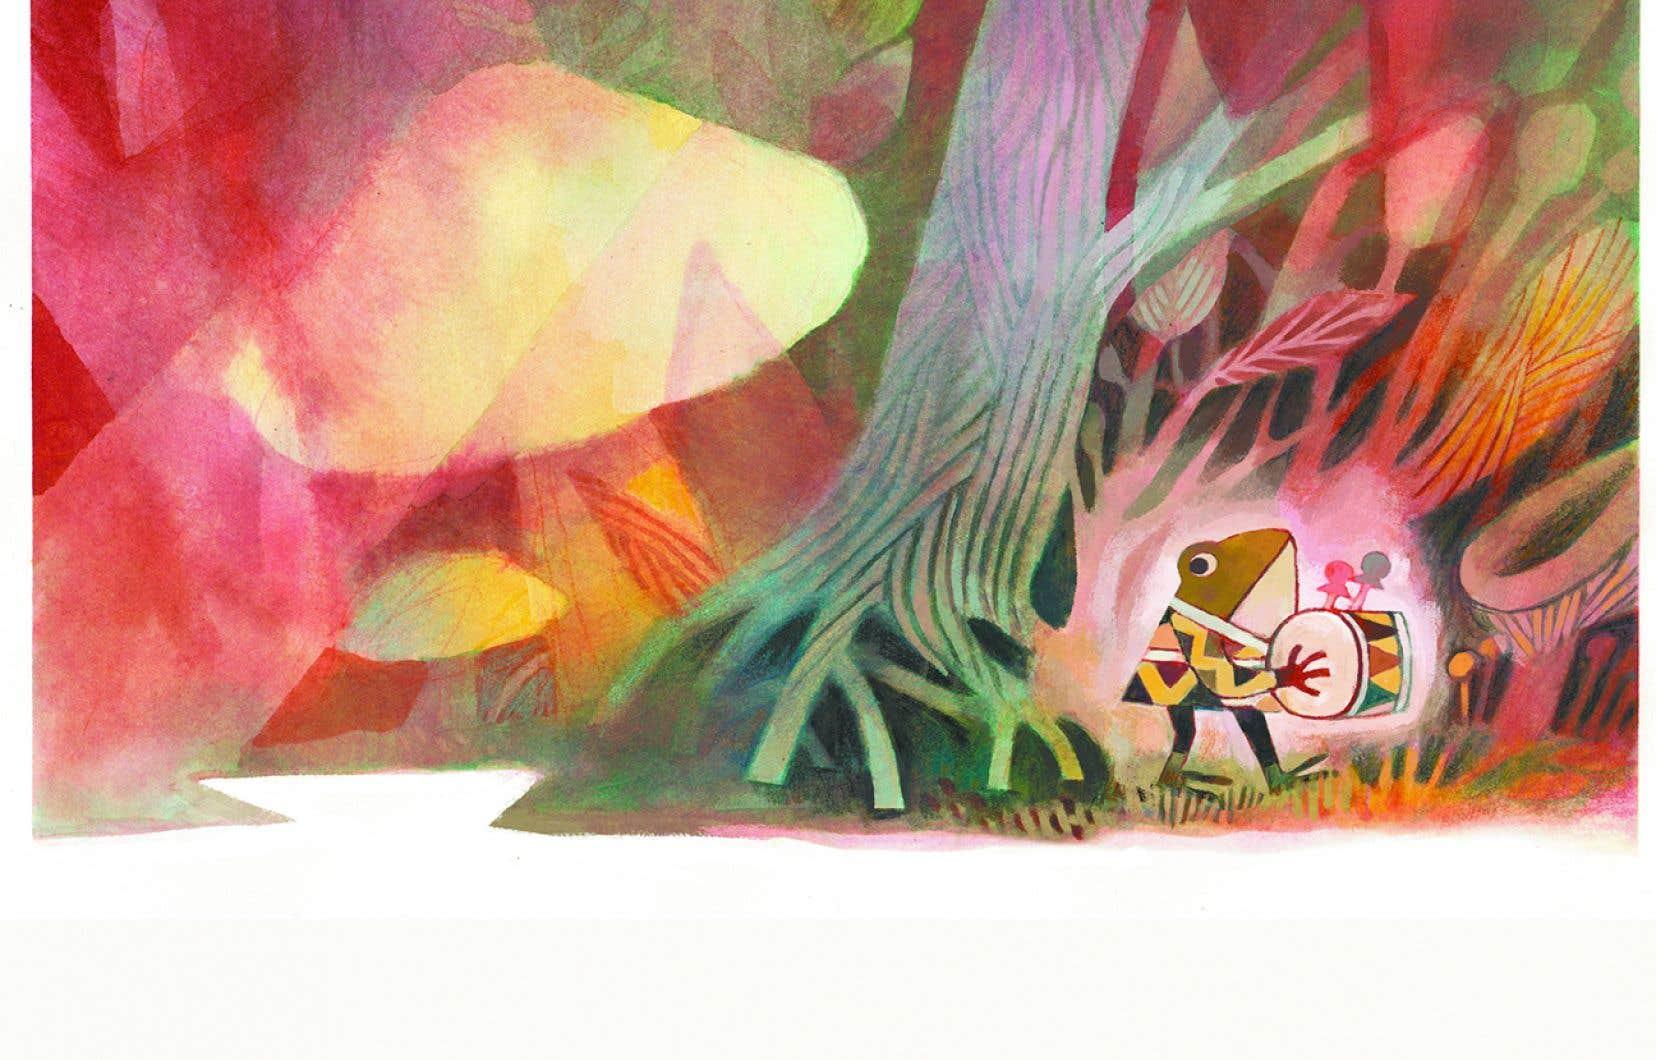 Illustration de Matthew Forsythe tirée de «Pokko et le tambour»